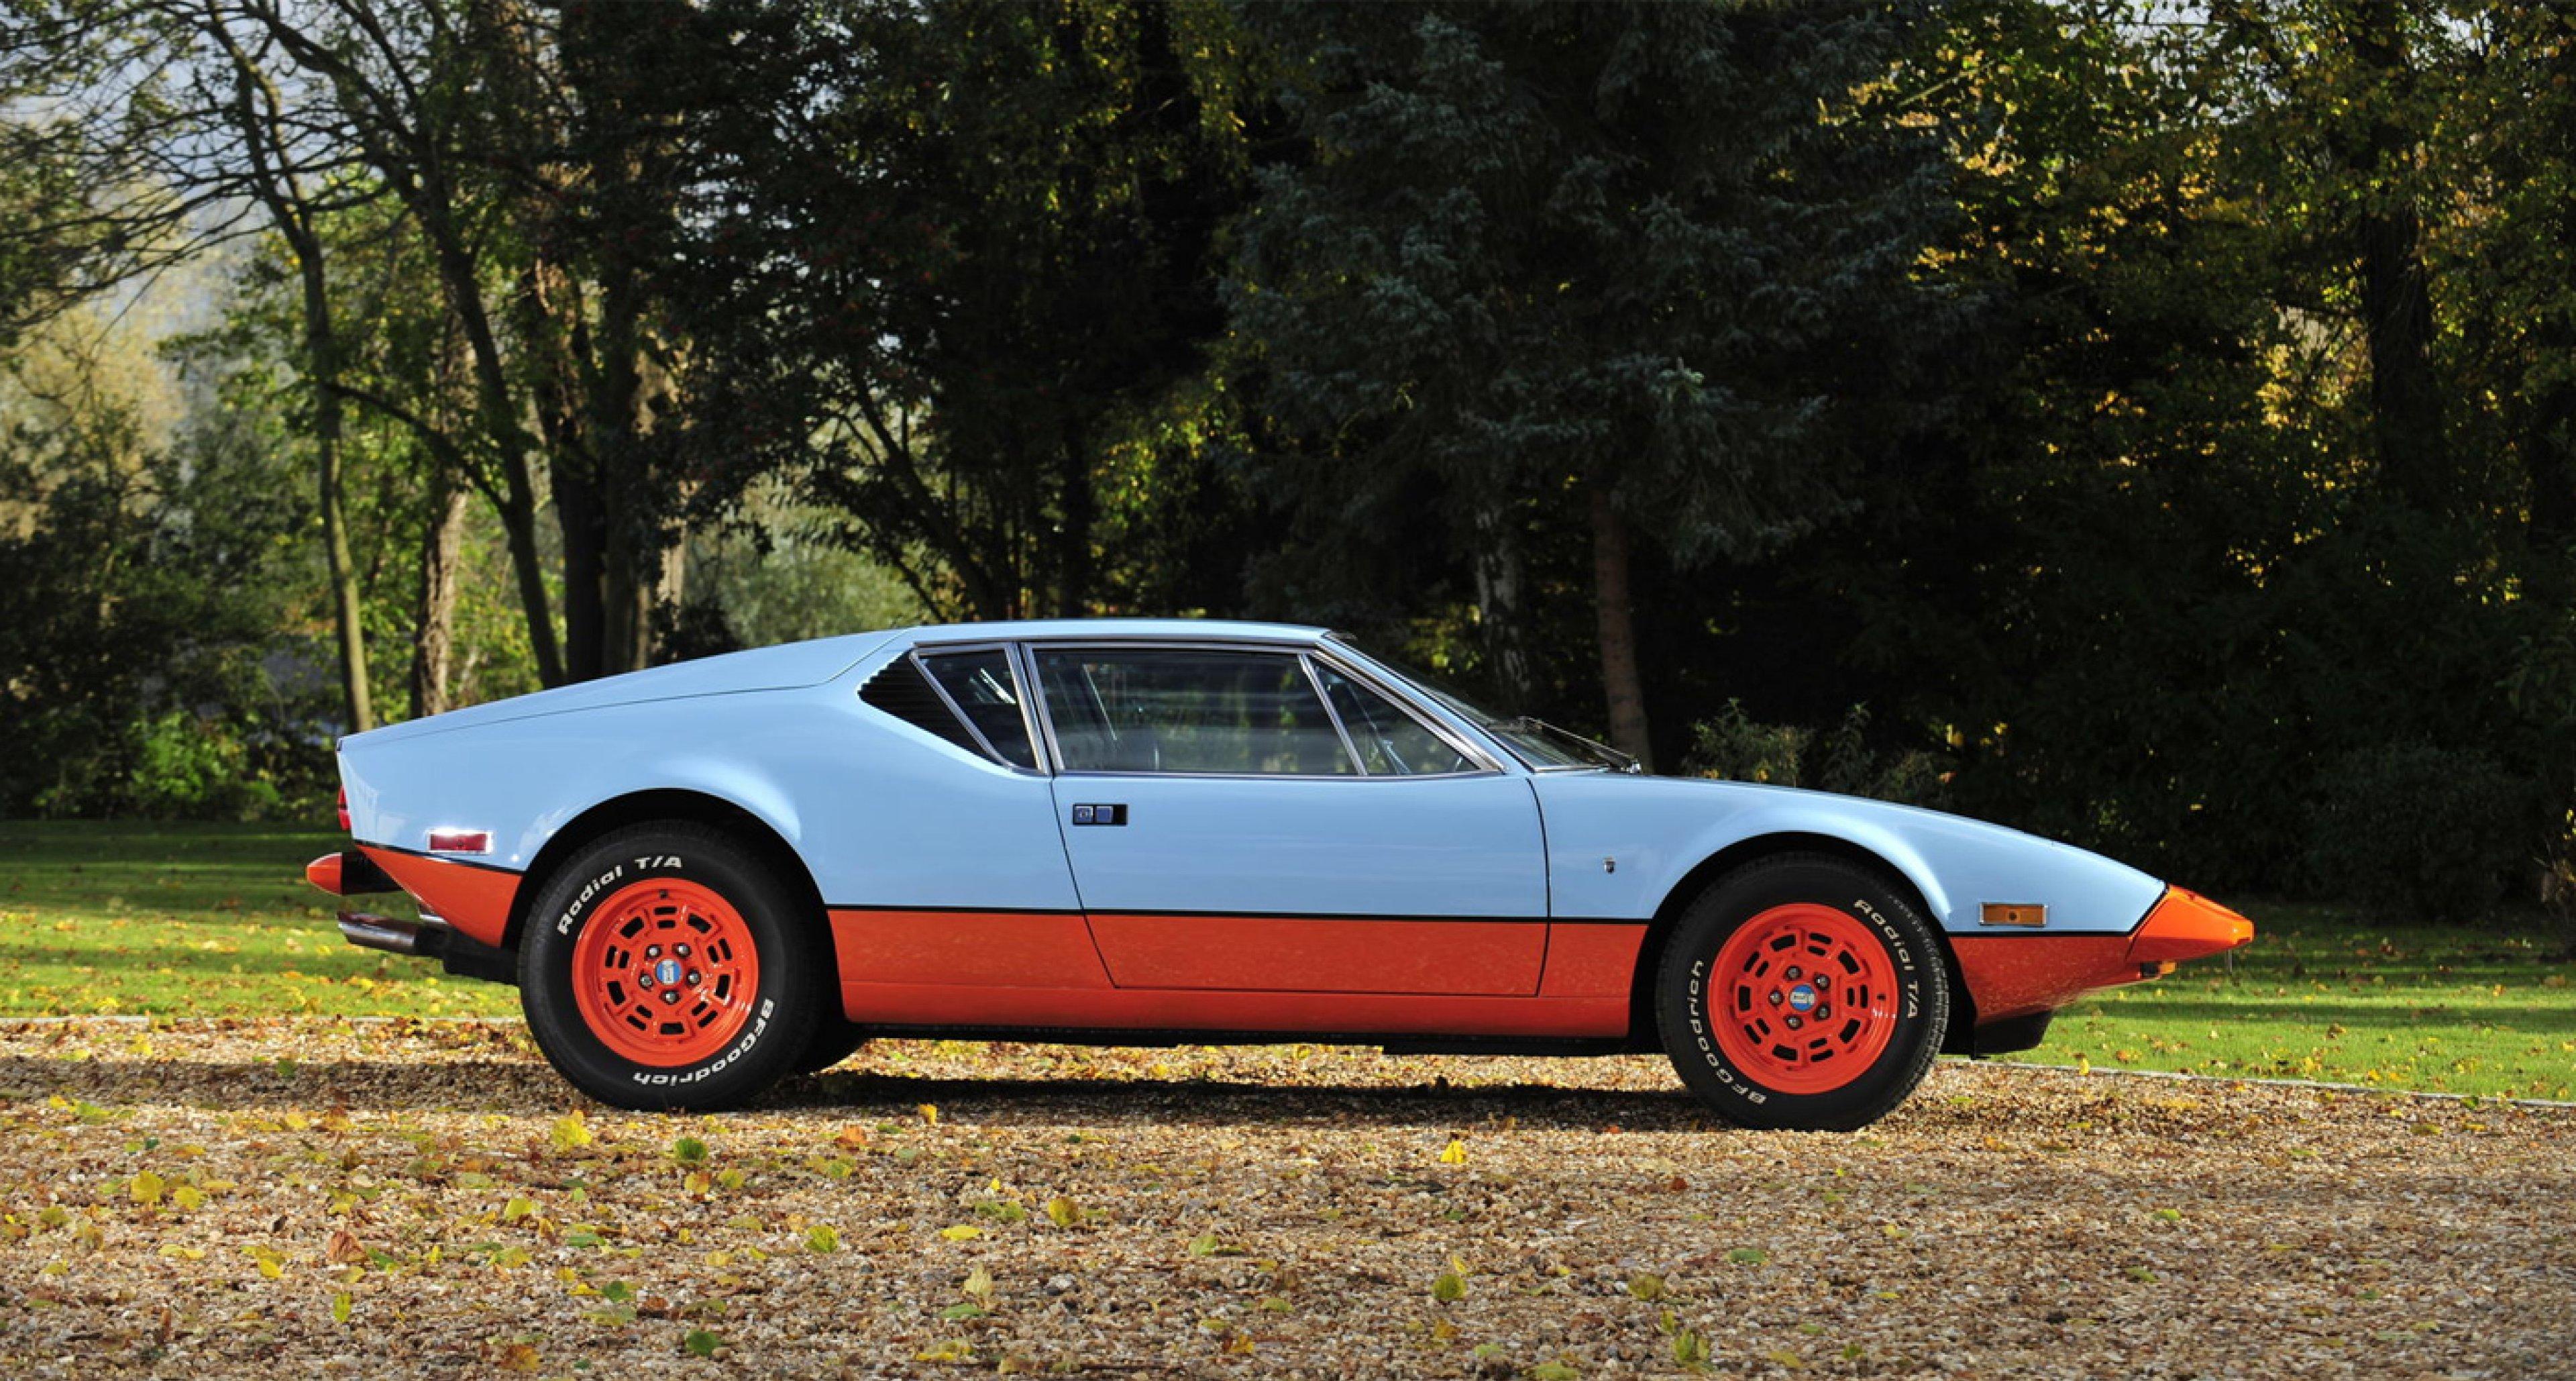 1974 De Tomaso Pantera Coupé Coachwork by Carrozzeria Ghia